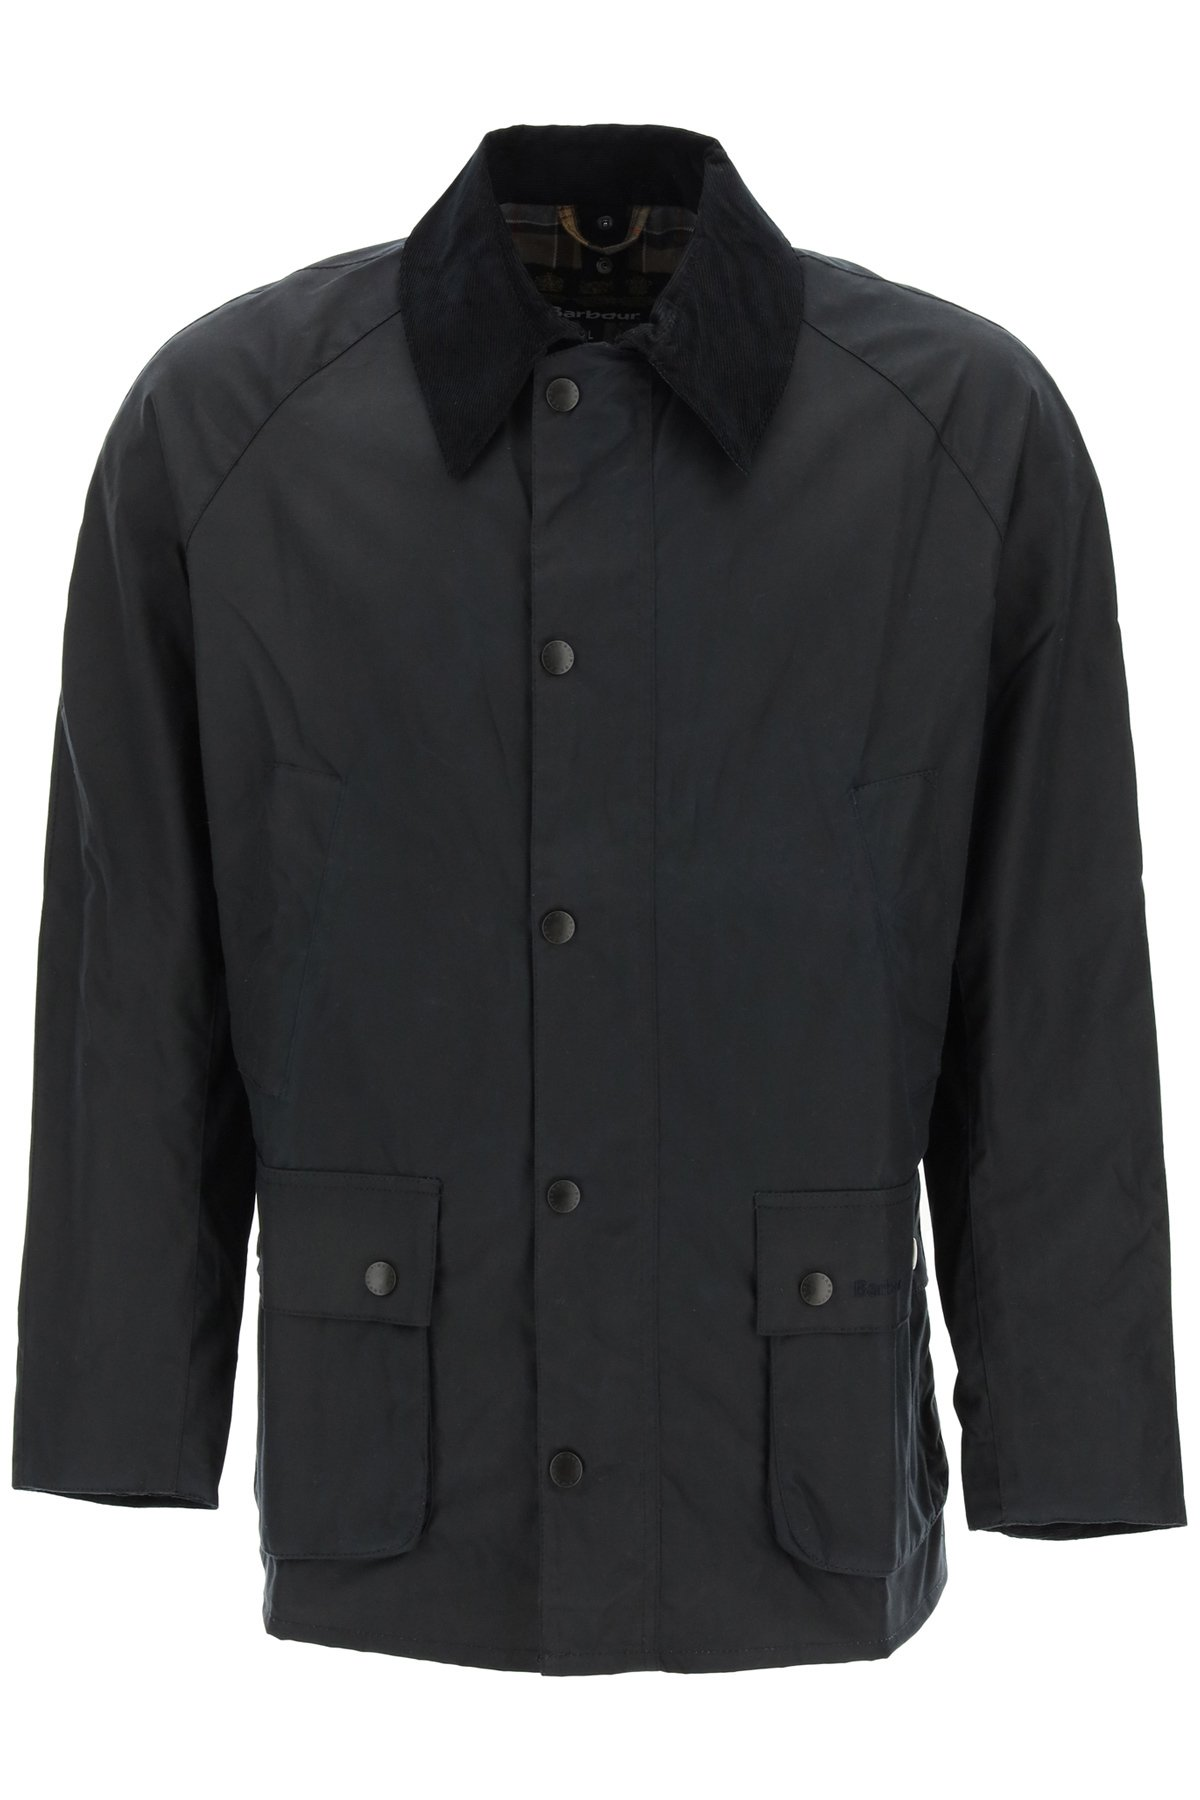 Barbour giacca cerata ashby